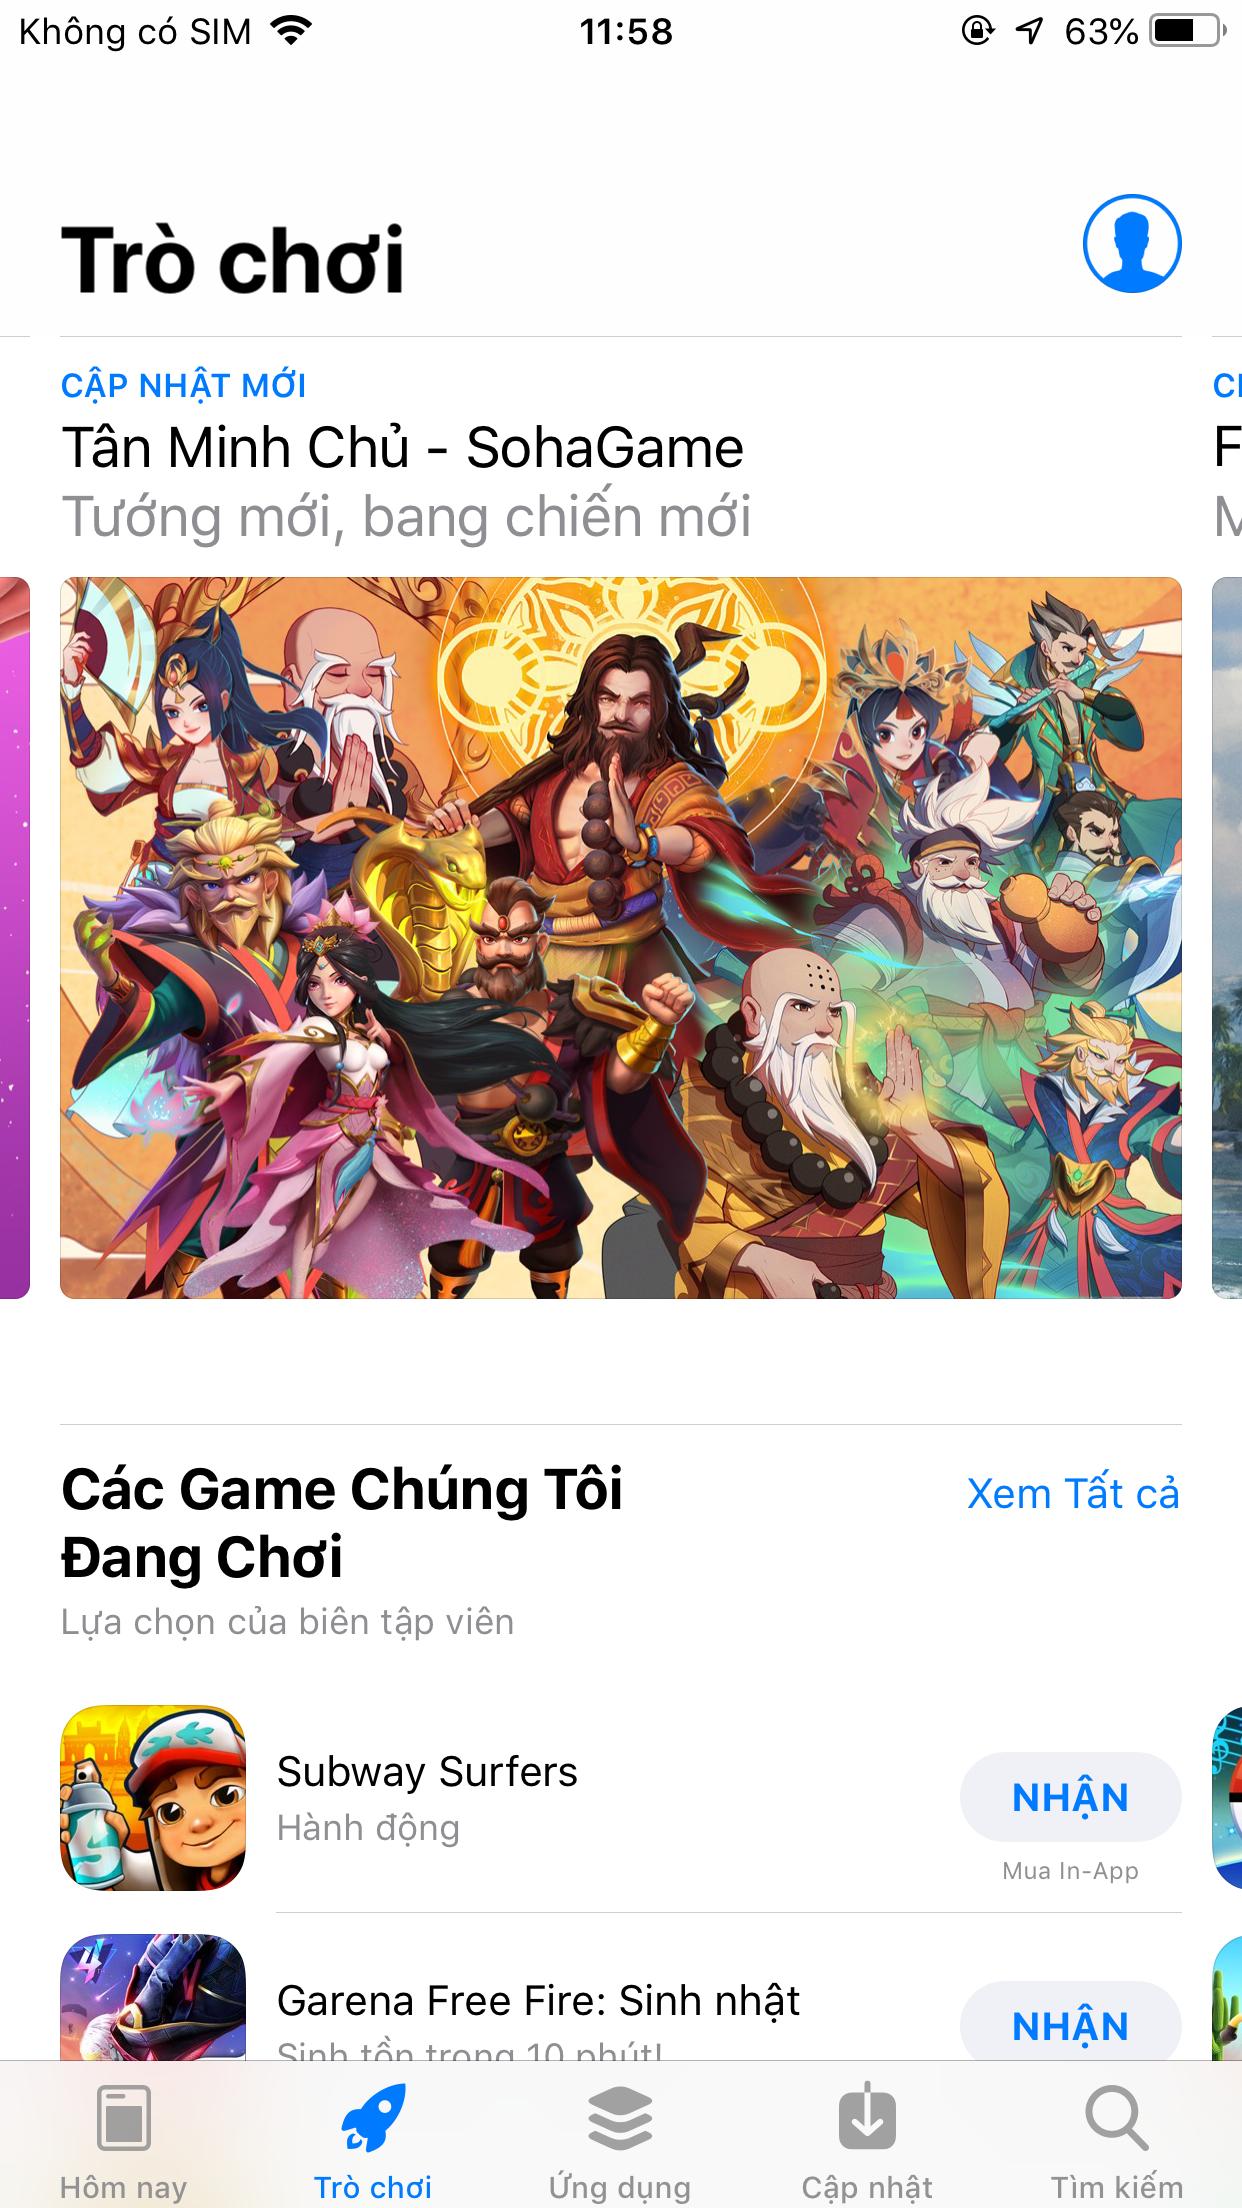 Khai mở máy chủ mới, game Việt Nam 3 lần lọt TOP Thịnh Hành - Tân Minh Chủ tặng 200 VIPCODE, tung ngàn ưu đãi - Ảnh 2.